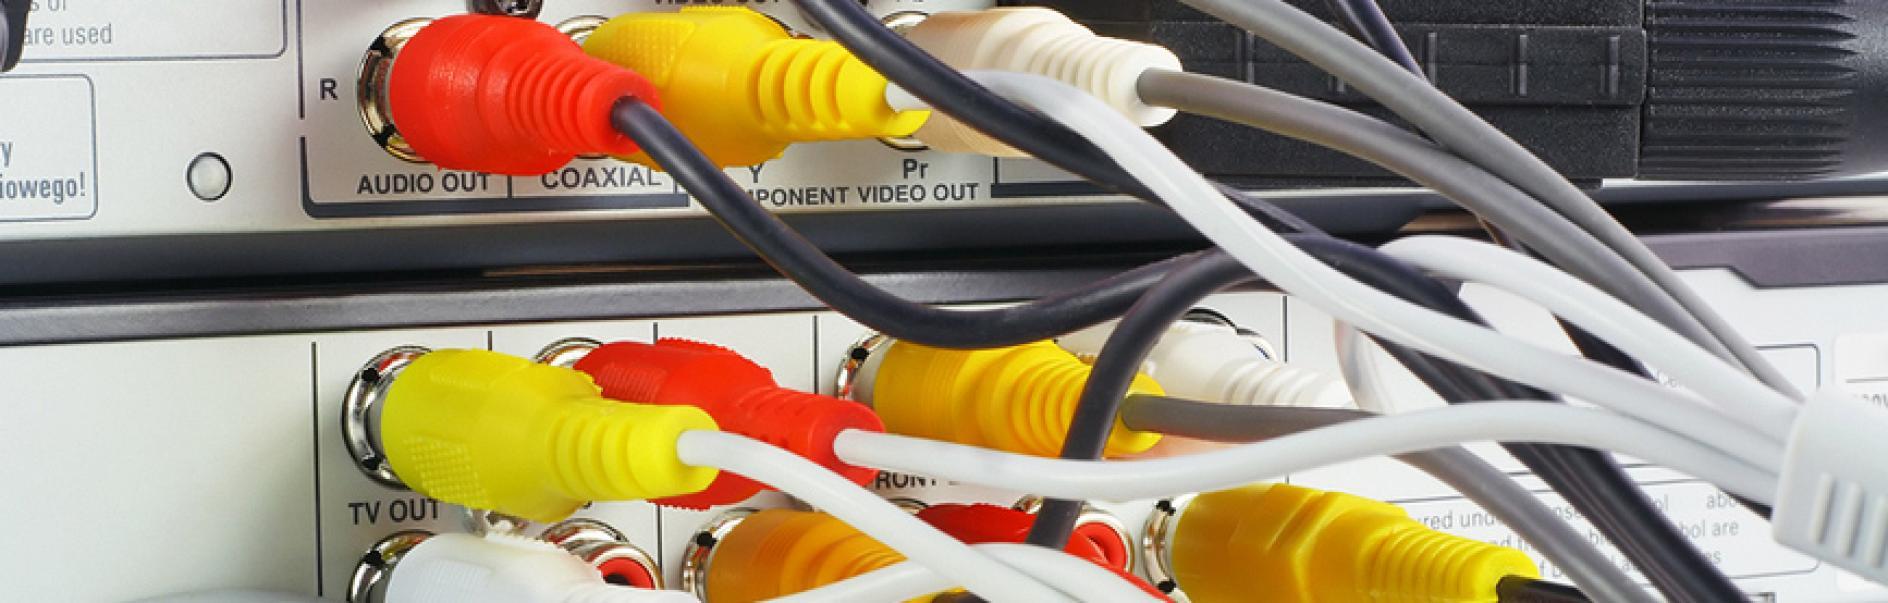 Kabel verstecken | Verstecken von Fernsehkabeln